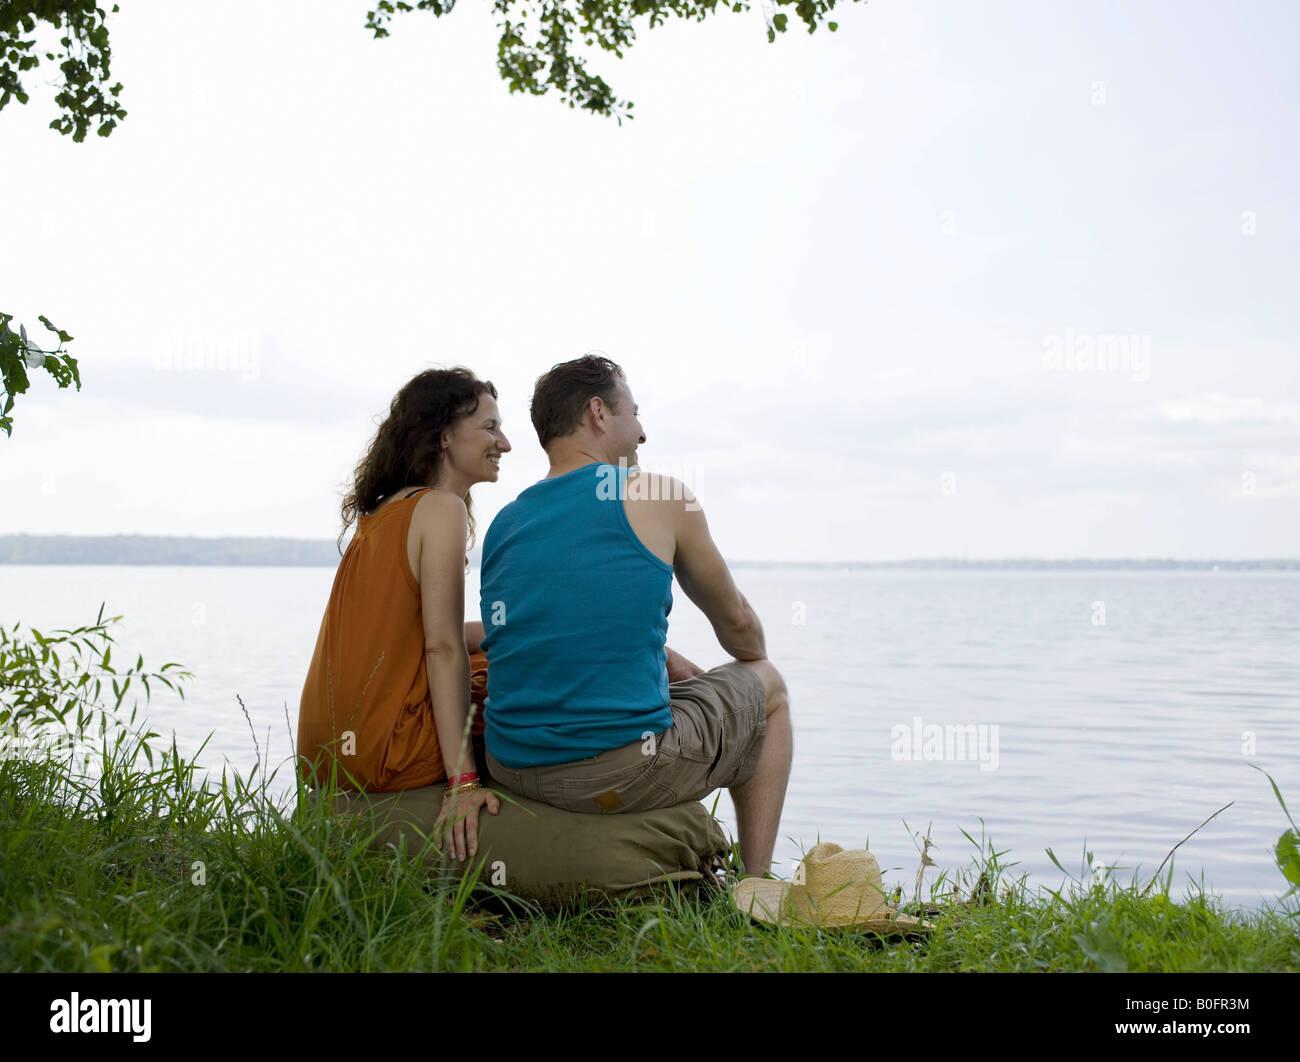 Un hombre y una mujer sentados juntos Imagen De Stock